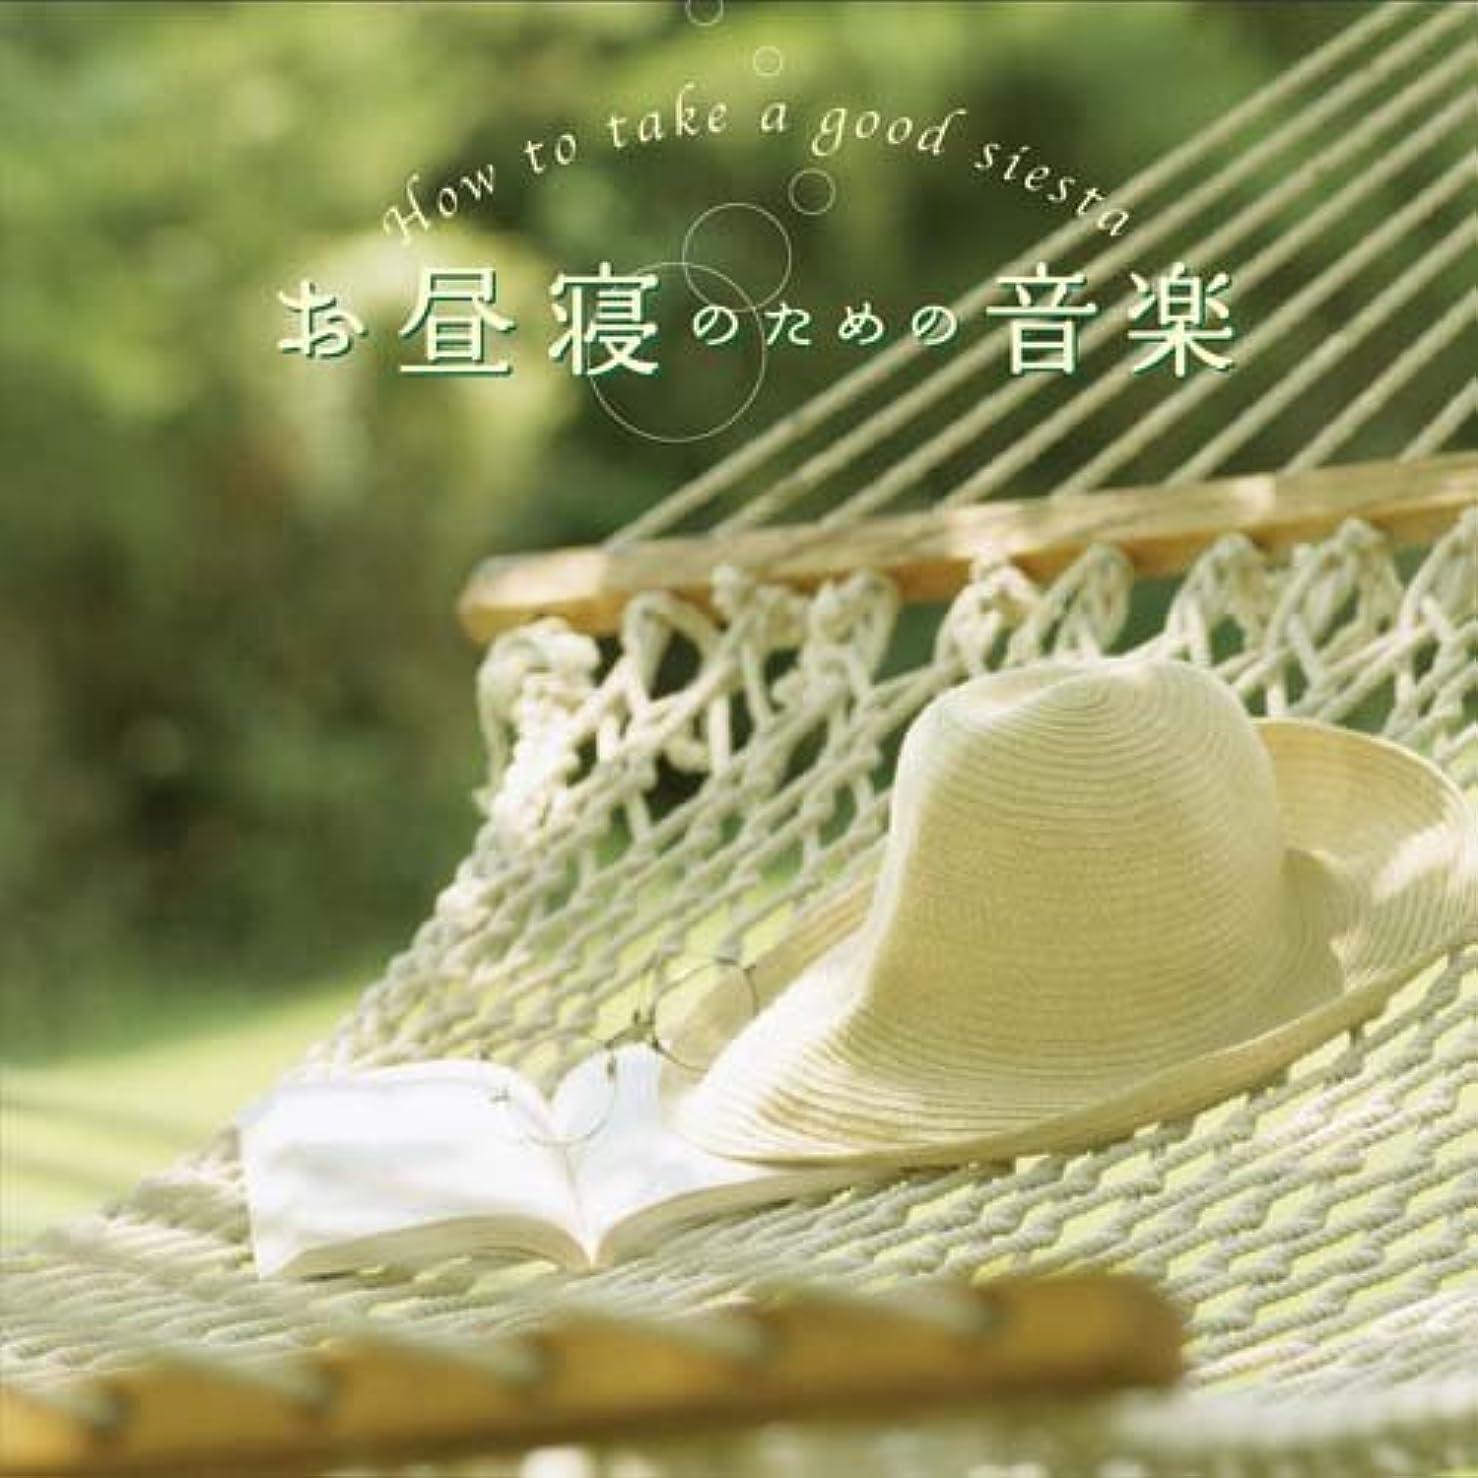 熟考する休憩面白いお昼寝のための音楽